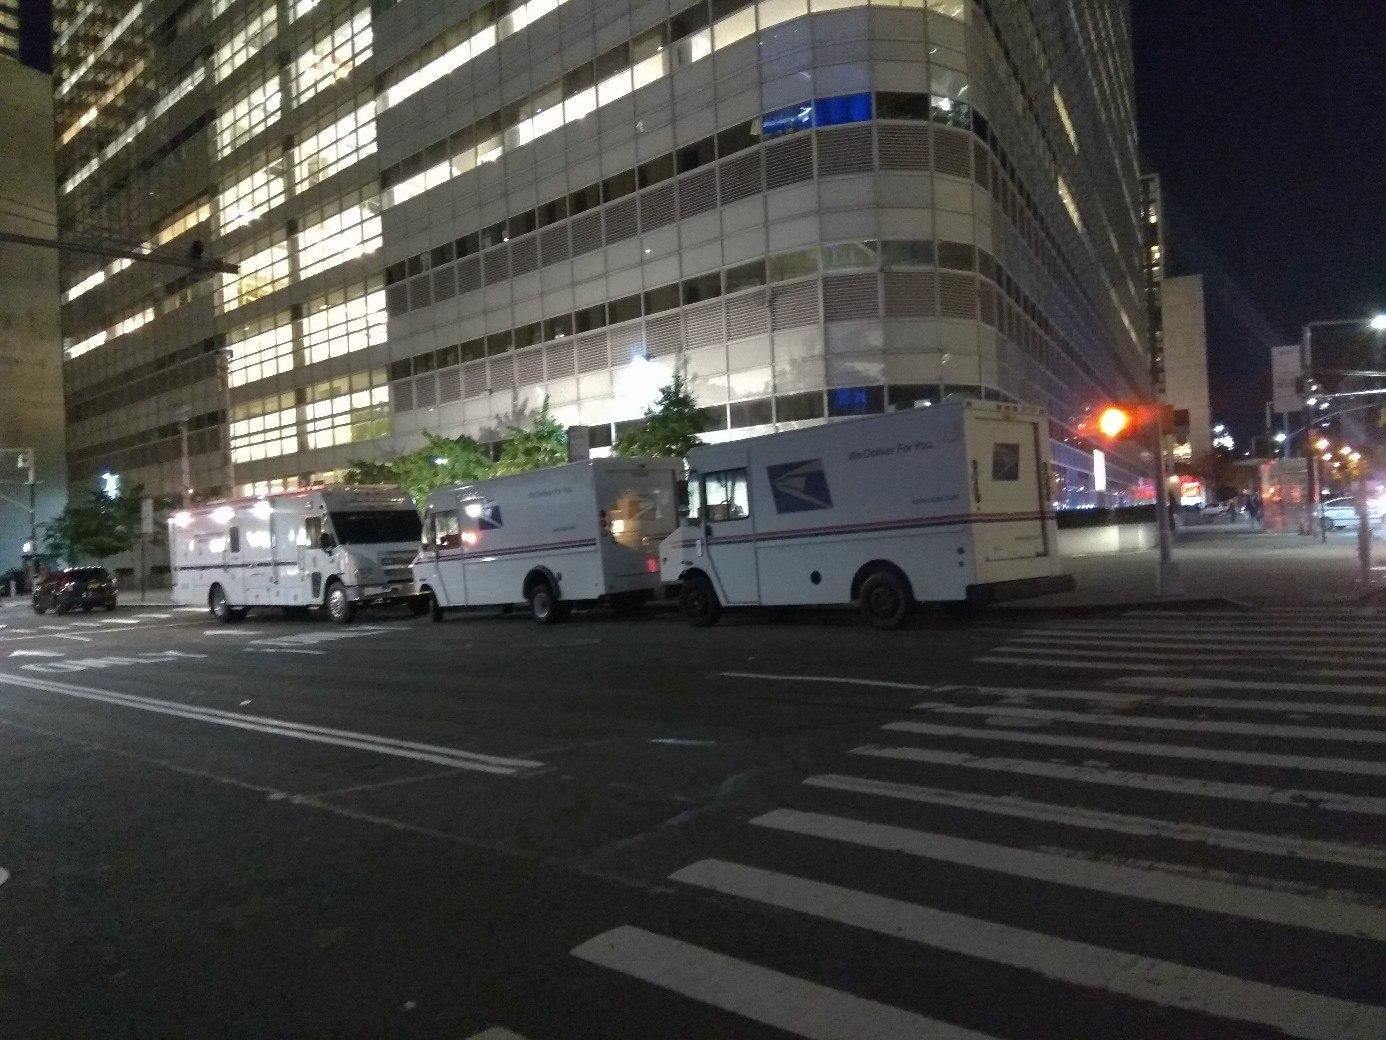 ВНью-Йорке выходец изУзбекистана раздавил пикапом восемь человек «воимяИГ»